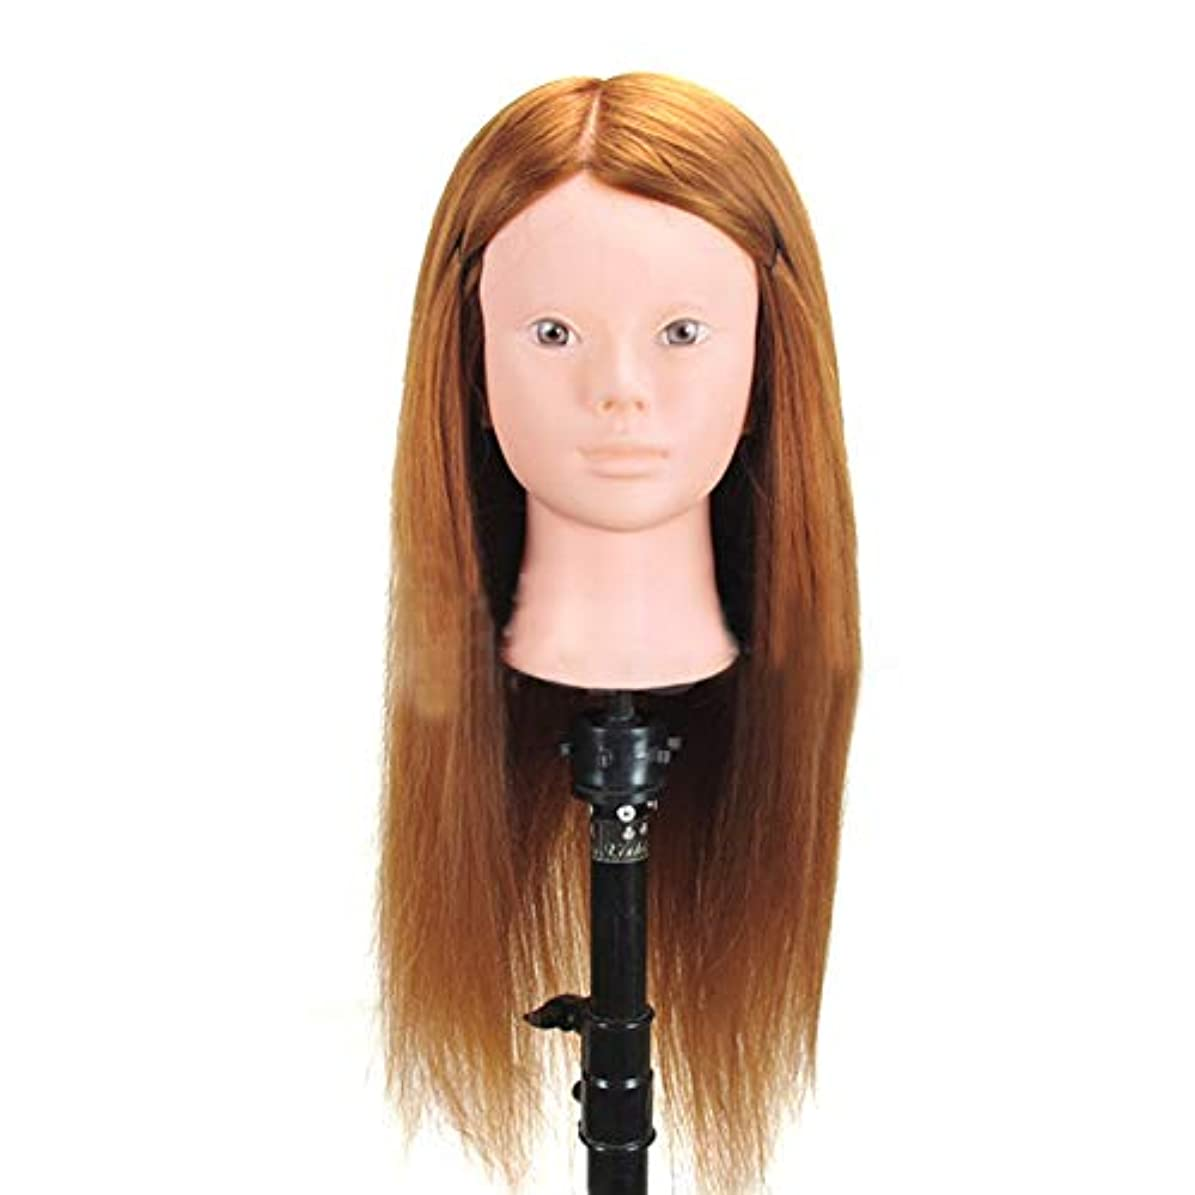 コカイン冗長請願者高温シルクヘアマネキンヘッド編組ヘアヘアピンヘッドモデルサロンパーマ髪染め学習ダミーヘッド